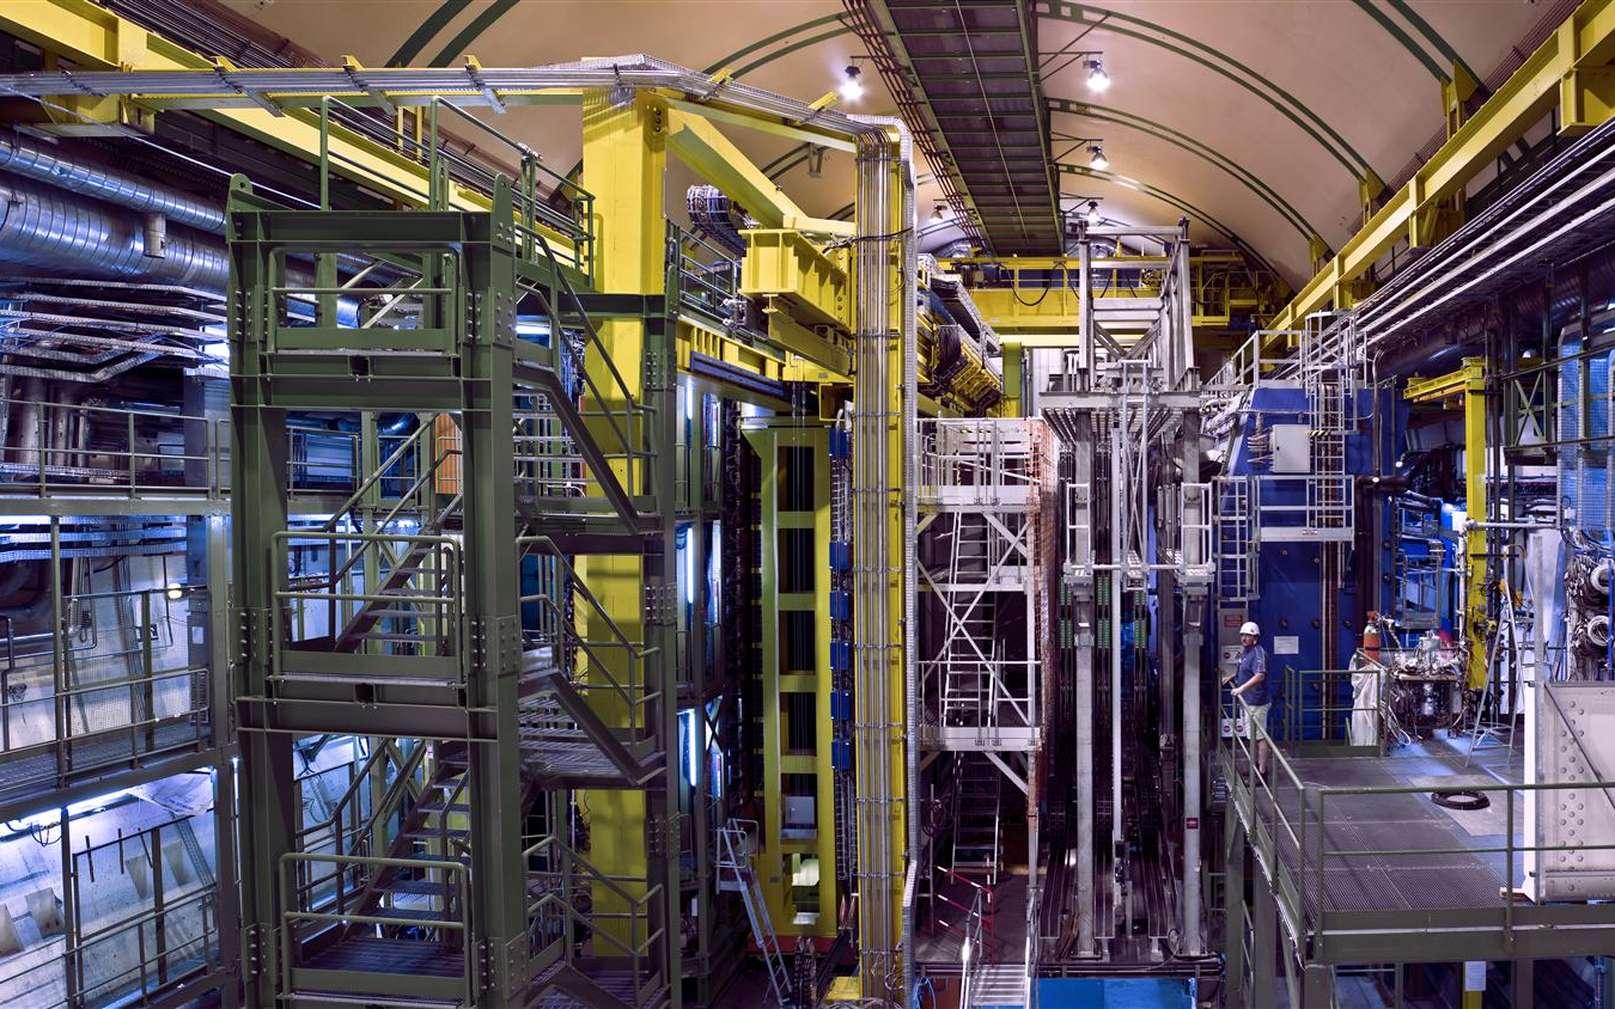 LHCb, l'un des détecteurs géants du Cern étudiant les collisions des faisceaux de protons du LHC. On y chasse les désintégrations rares de mésons contenant des quarks b. Ces mésons sont une fenêtre potentielle sur une nouvelle physique, en particulier celle pouvant expliquer pourquoi la matière domine largement l'antimatière dans le cosmos observable. © Cern